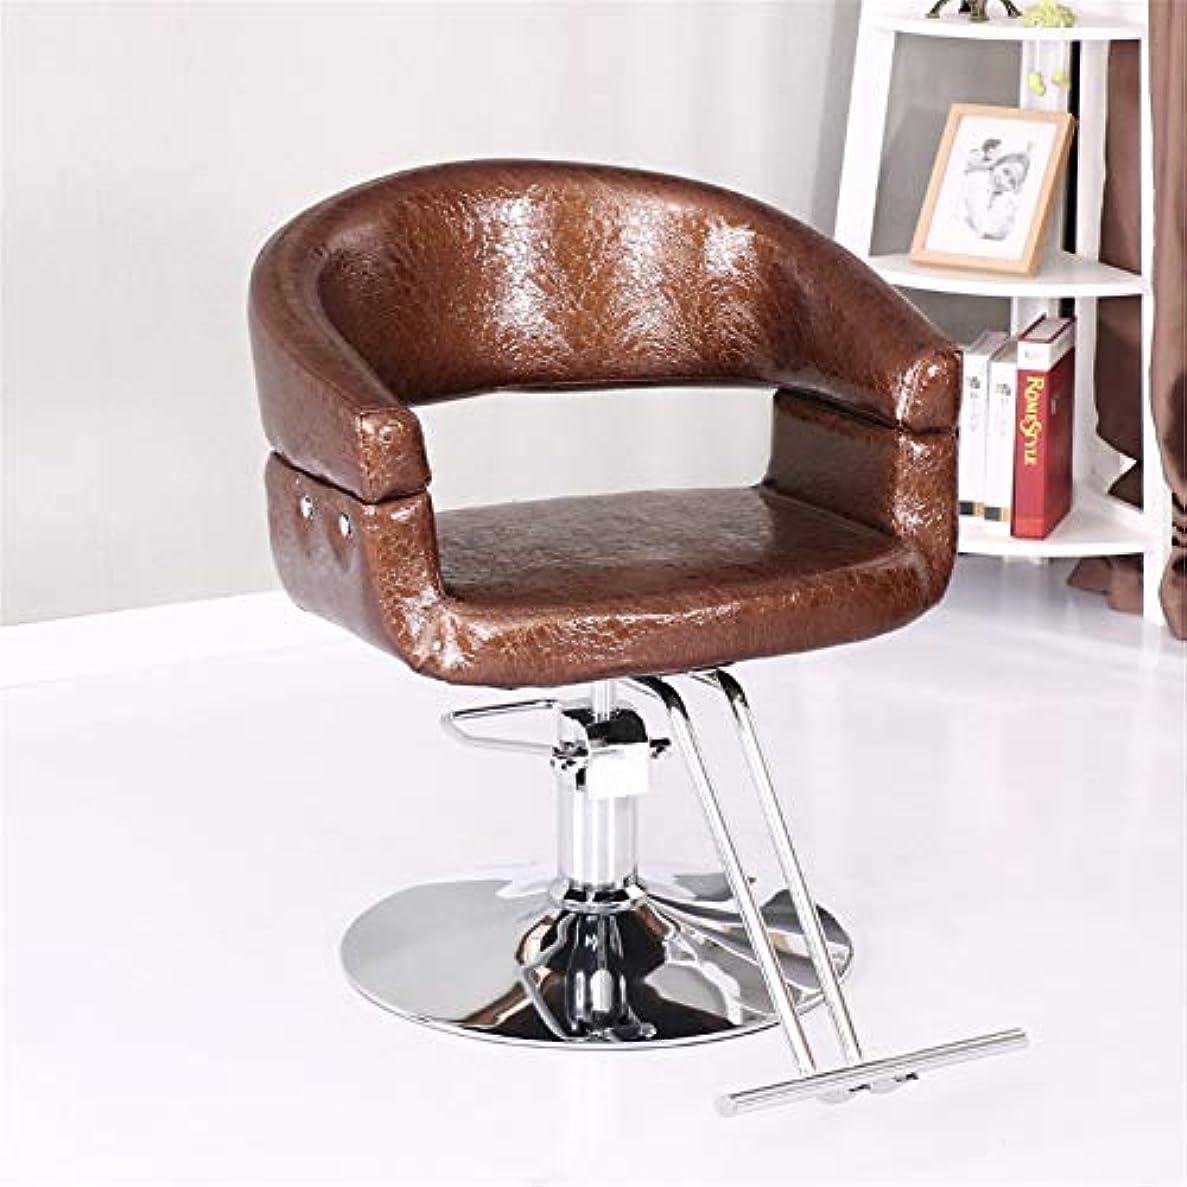 十代ウガンダ恐怖症Salon Chair Fashion Hydraulic Barber Chair Styling Beauty Salon Equipment Round Base Stable Comfort,Brown,B